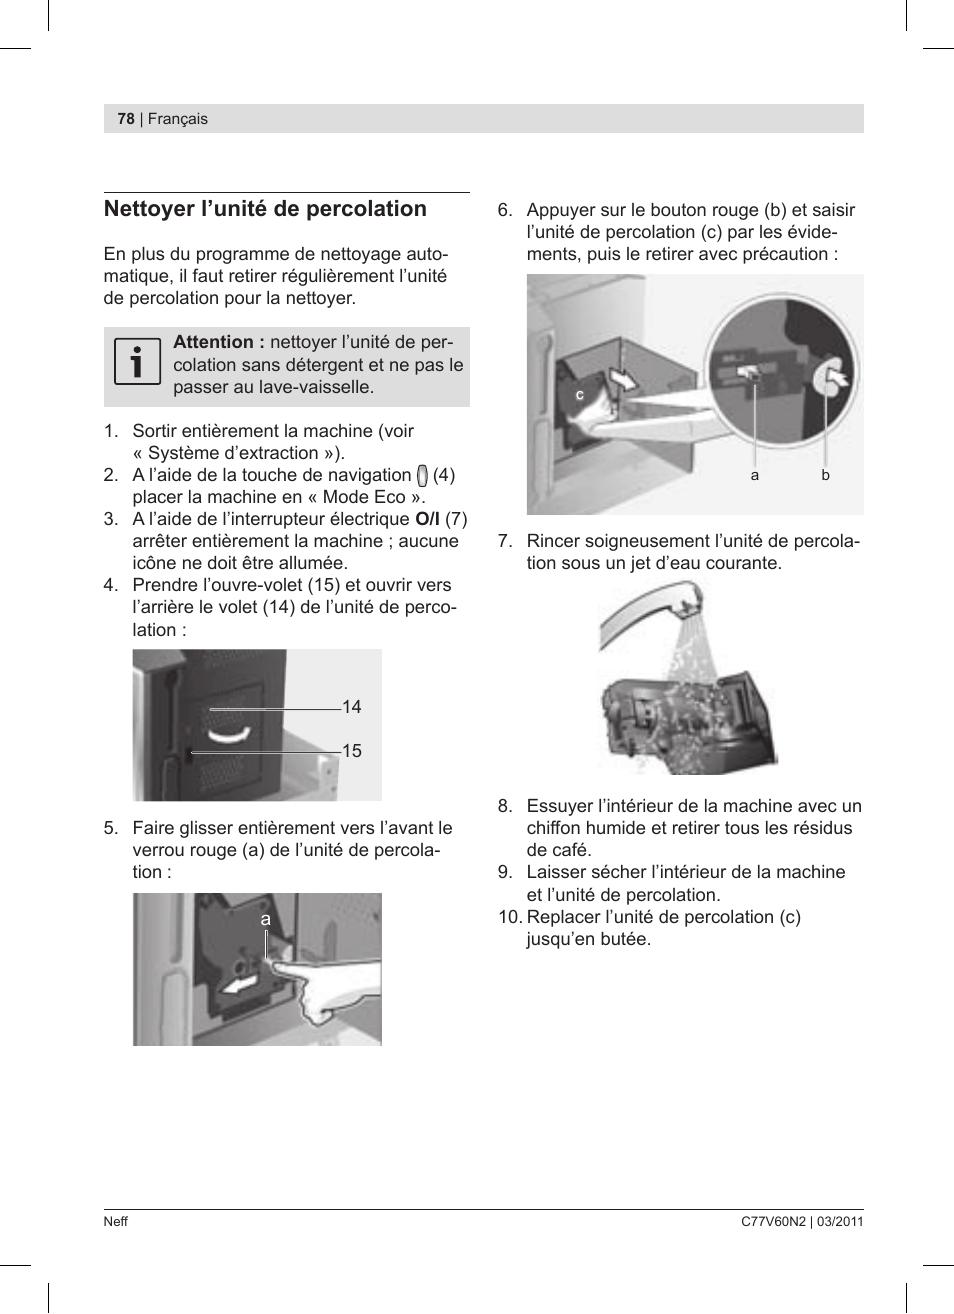 Nettoyer Interieur Lave Vaisselle nettoyer l'unité de percolation | neff c77v60n2 user manual